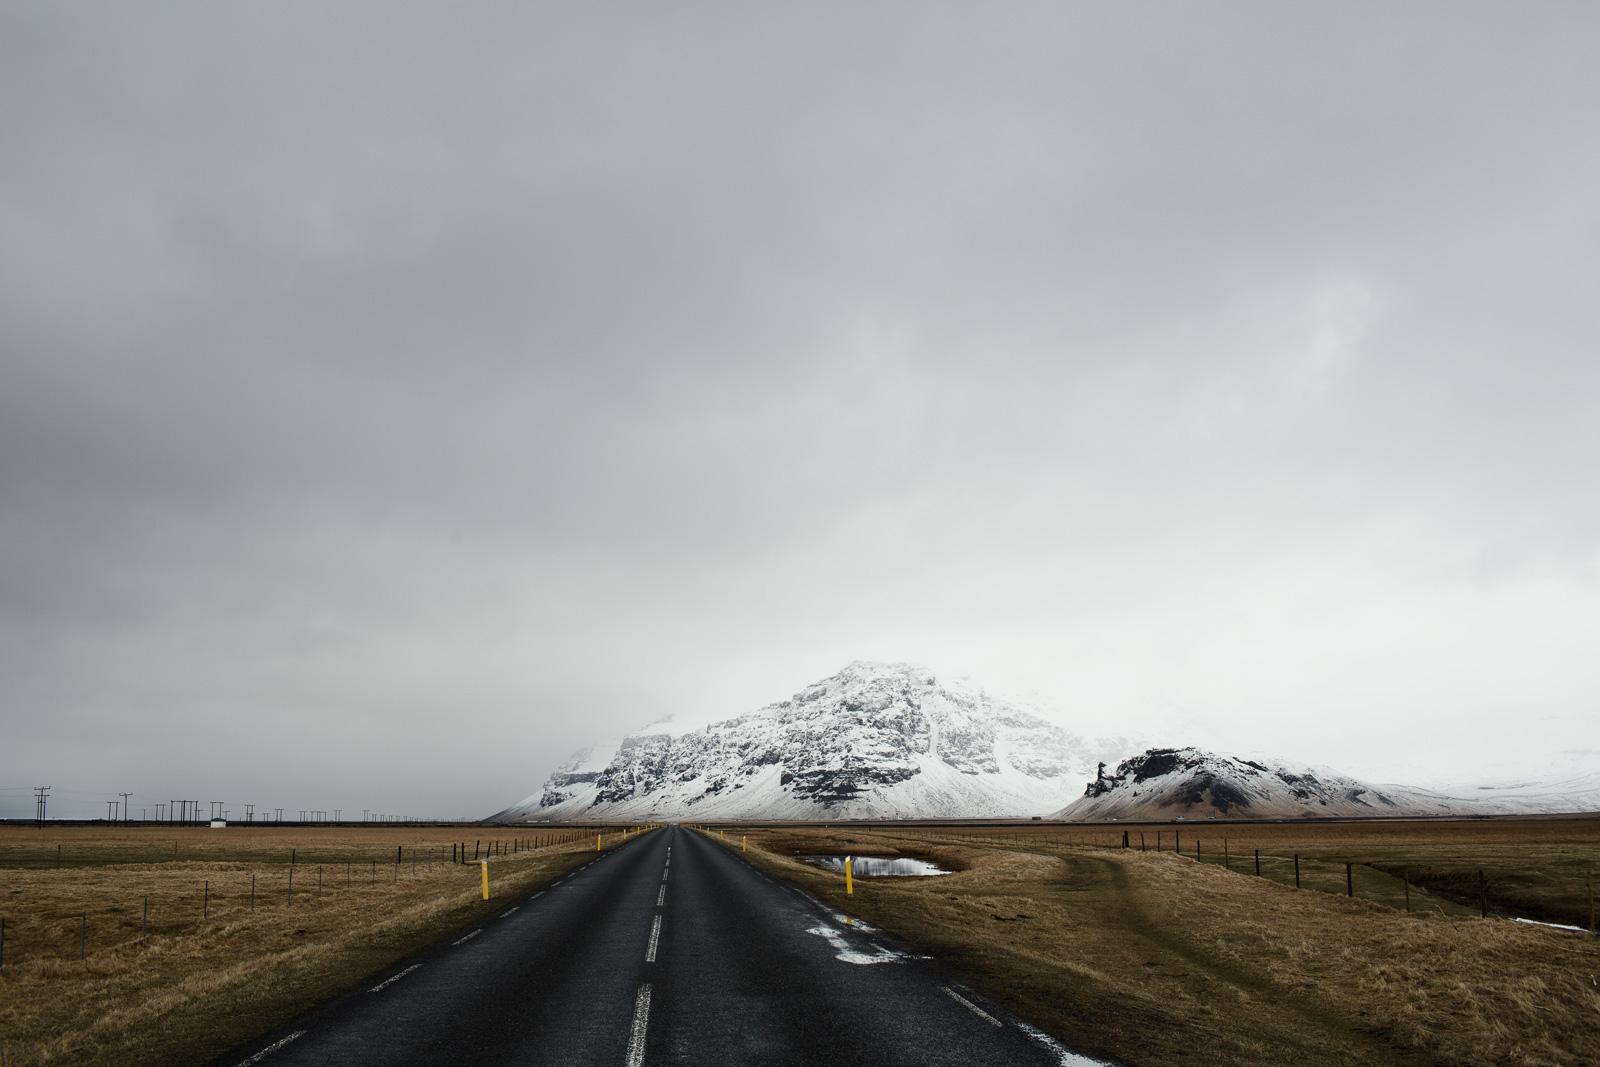 Les Photographies et vidéos de Ludwig Favre vont vous donner envie de voyager